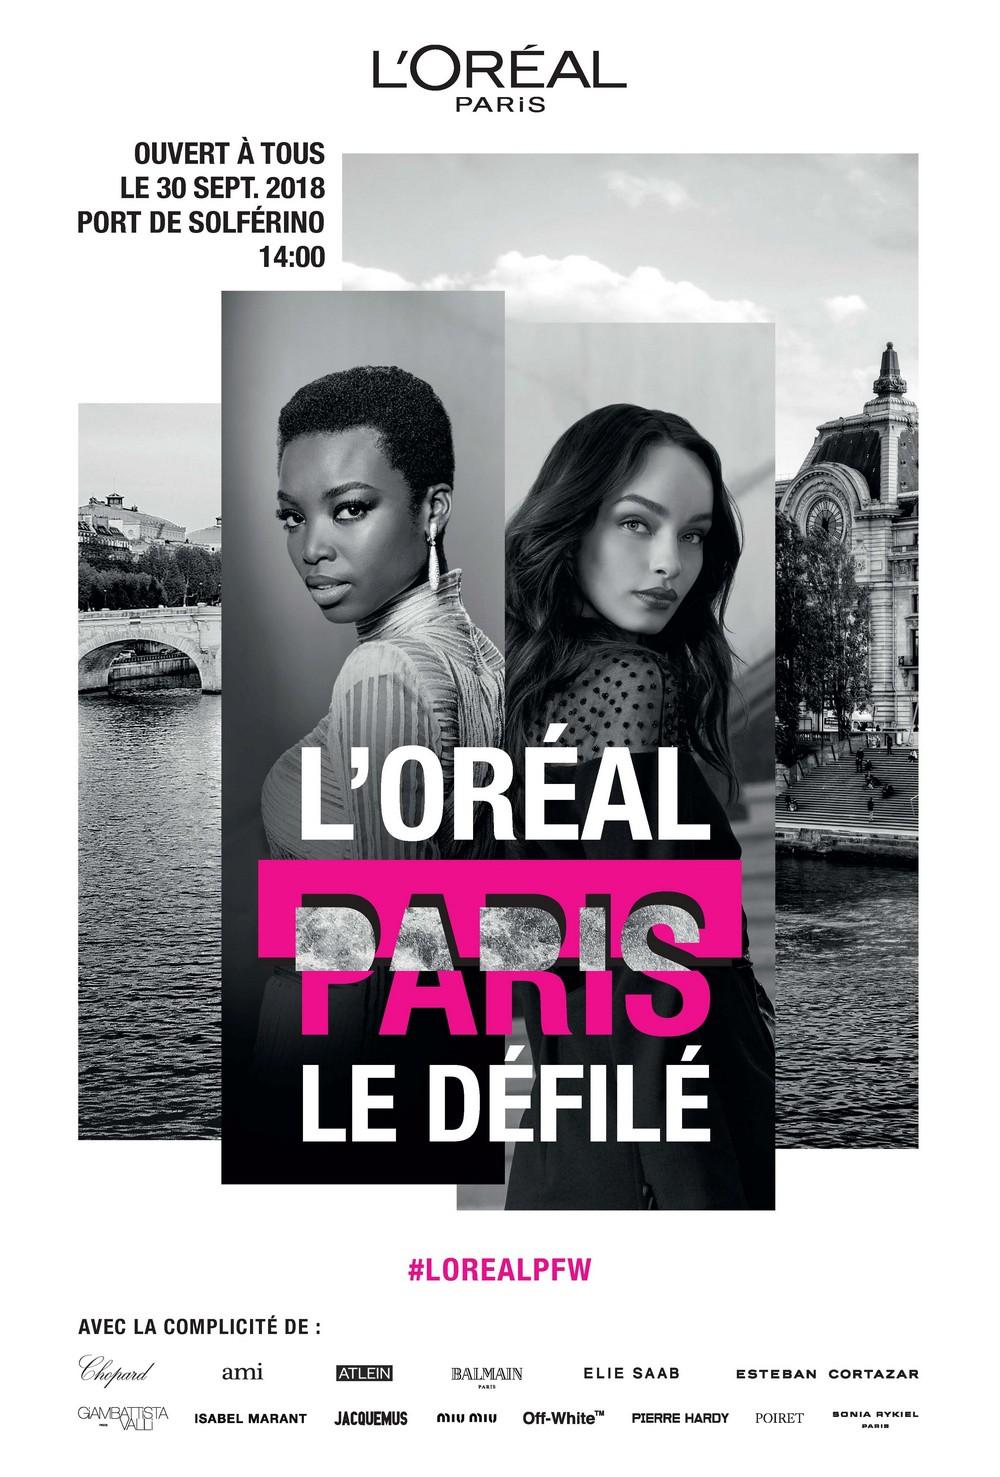 Nàng thơ xứ Thái Mai Davika sẽ cùng hàng loạt chân dài đình đám trình diễn catwalk trên sông Seine nổi tiếng của Paris - Ảnh 3.